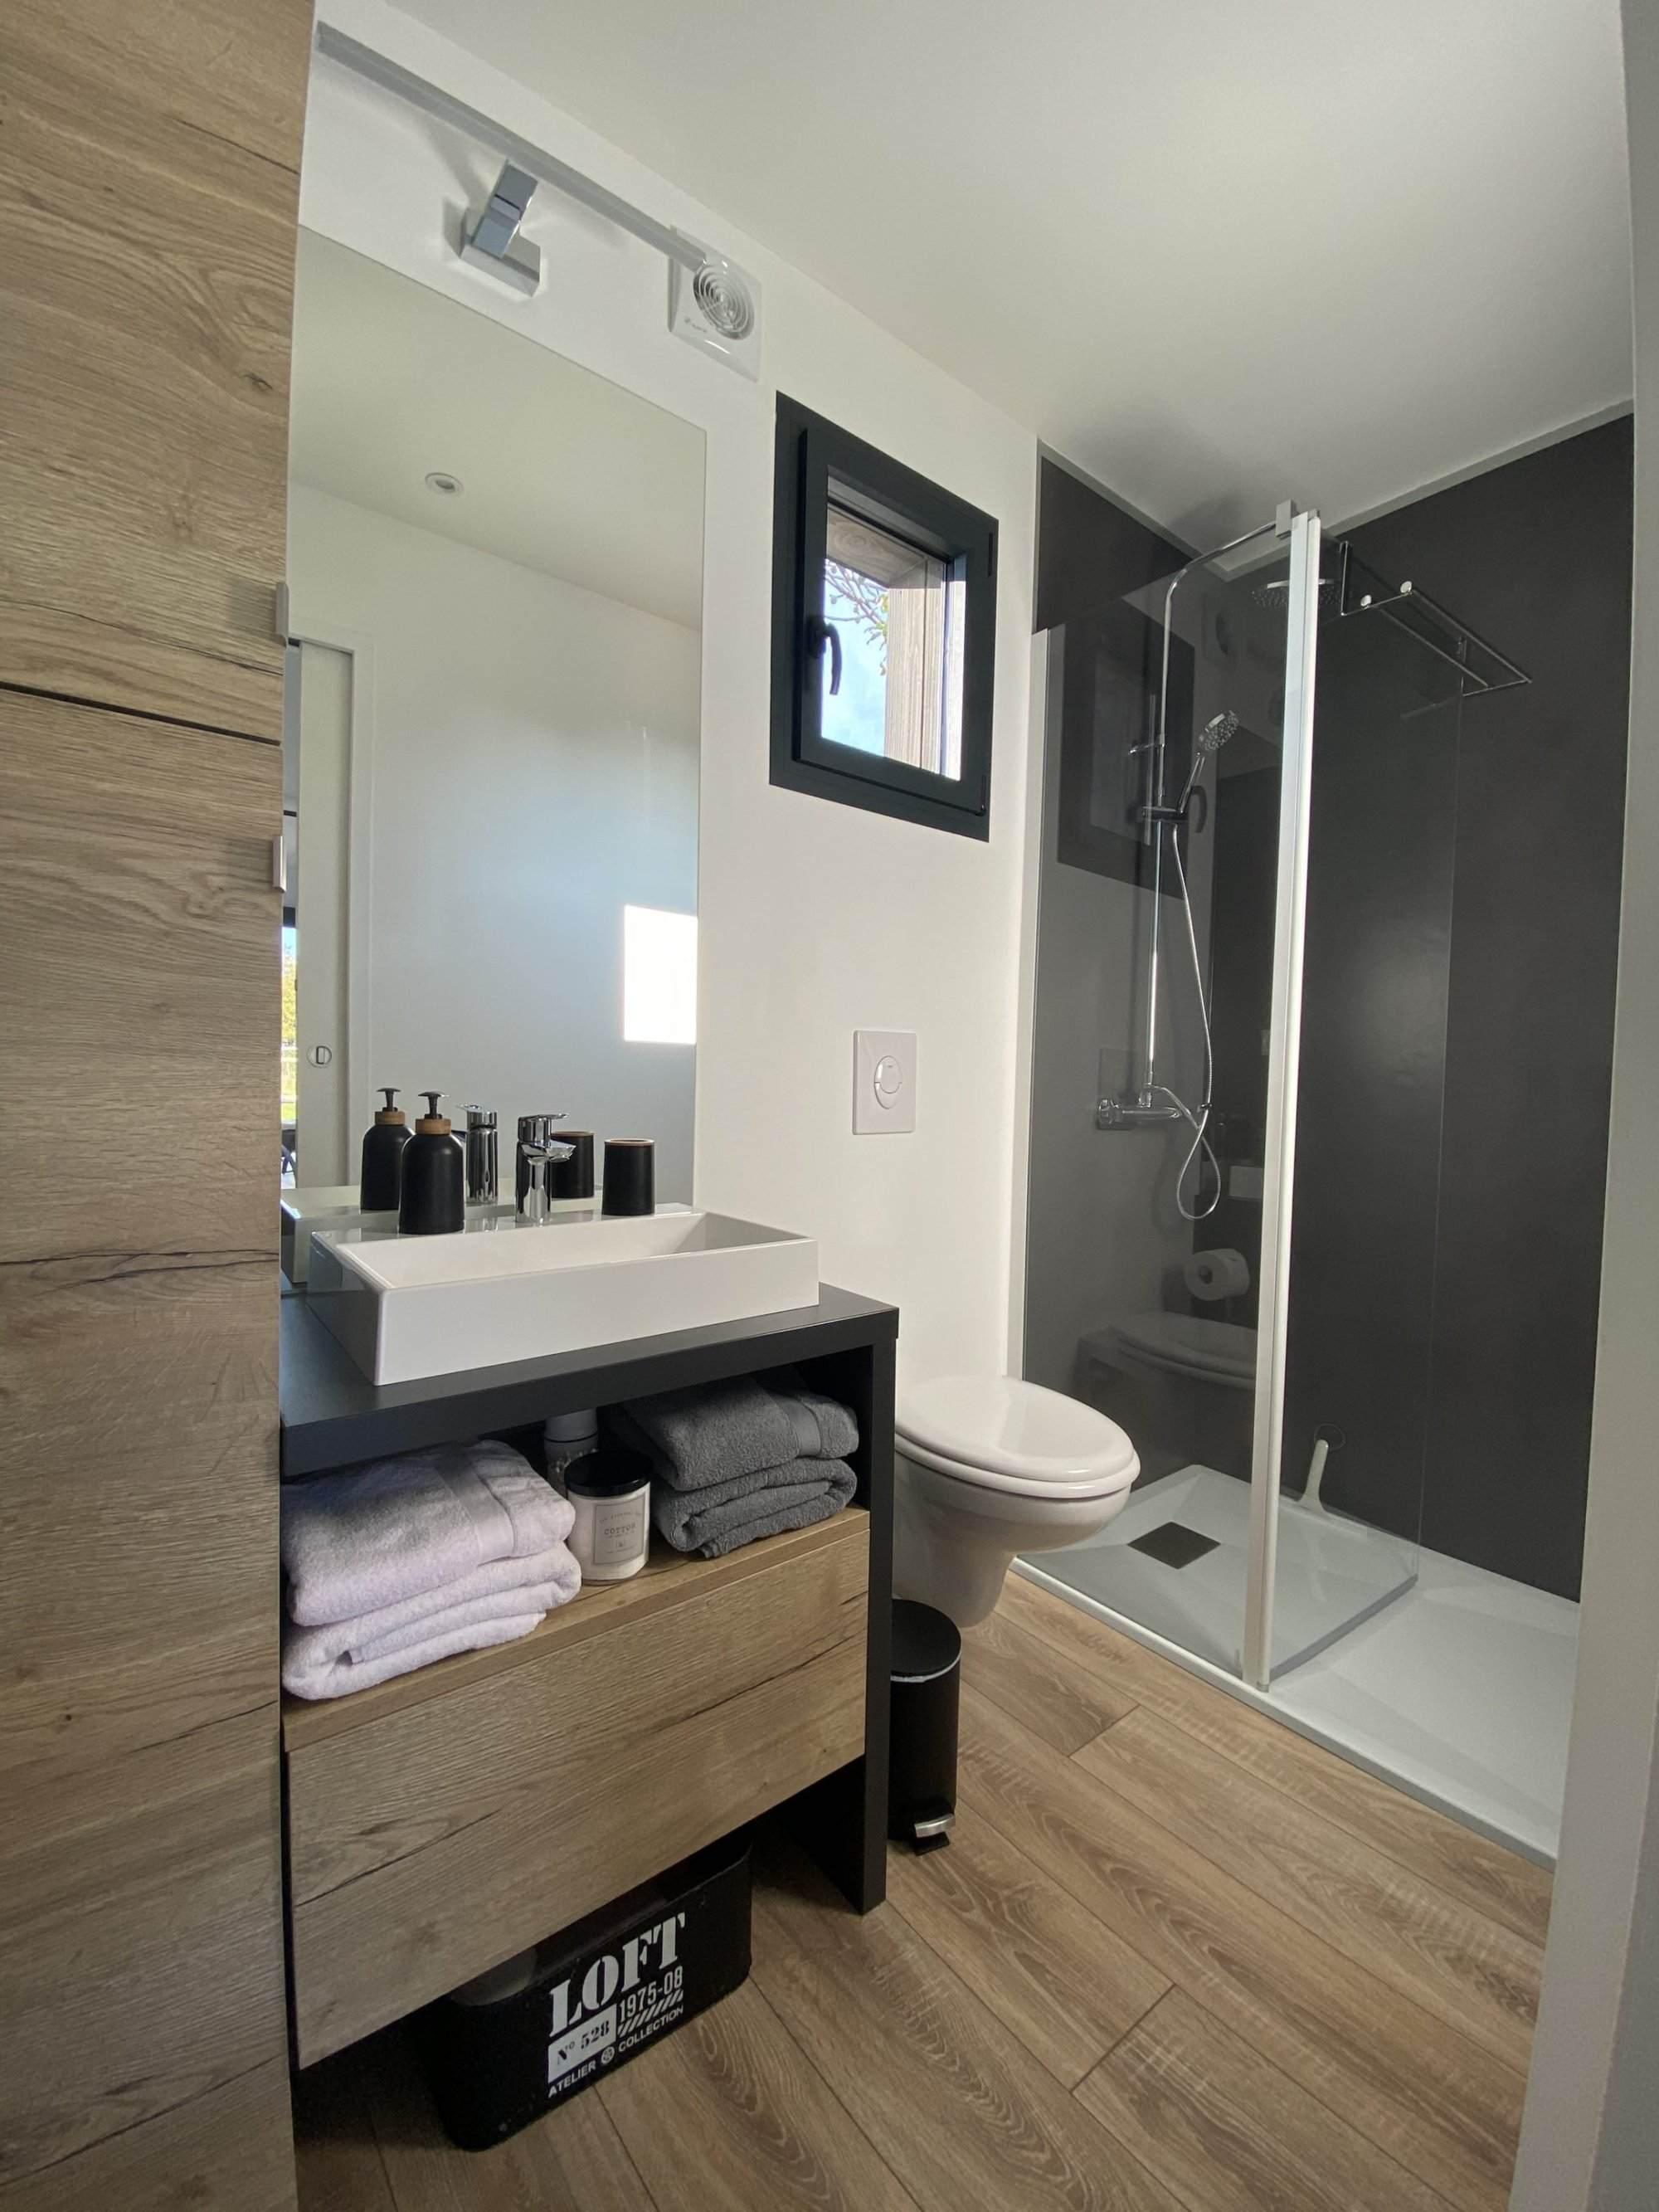 salle de bain d'un studio de jardin